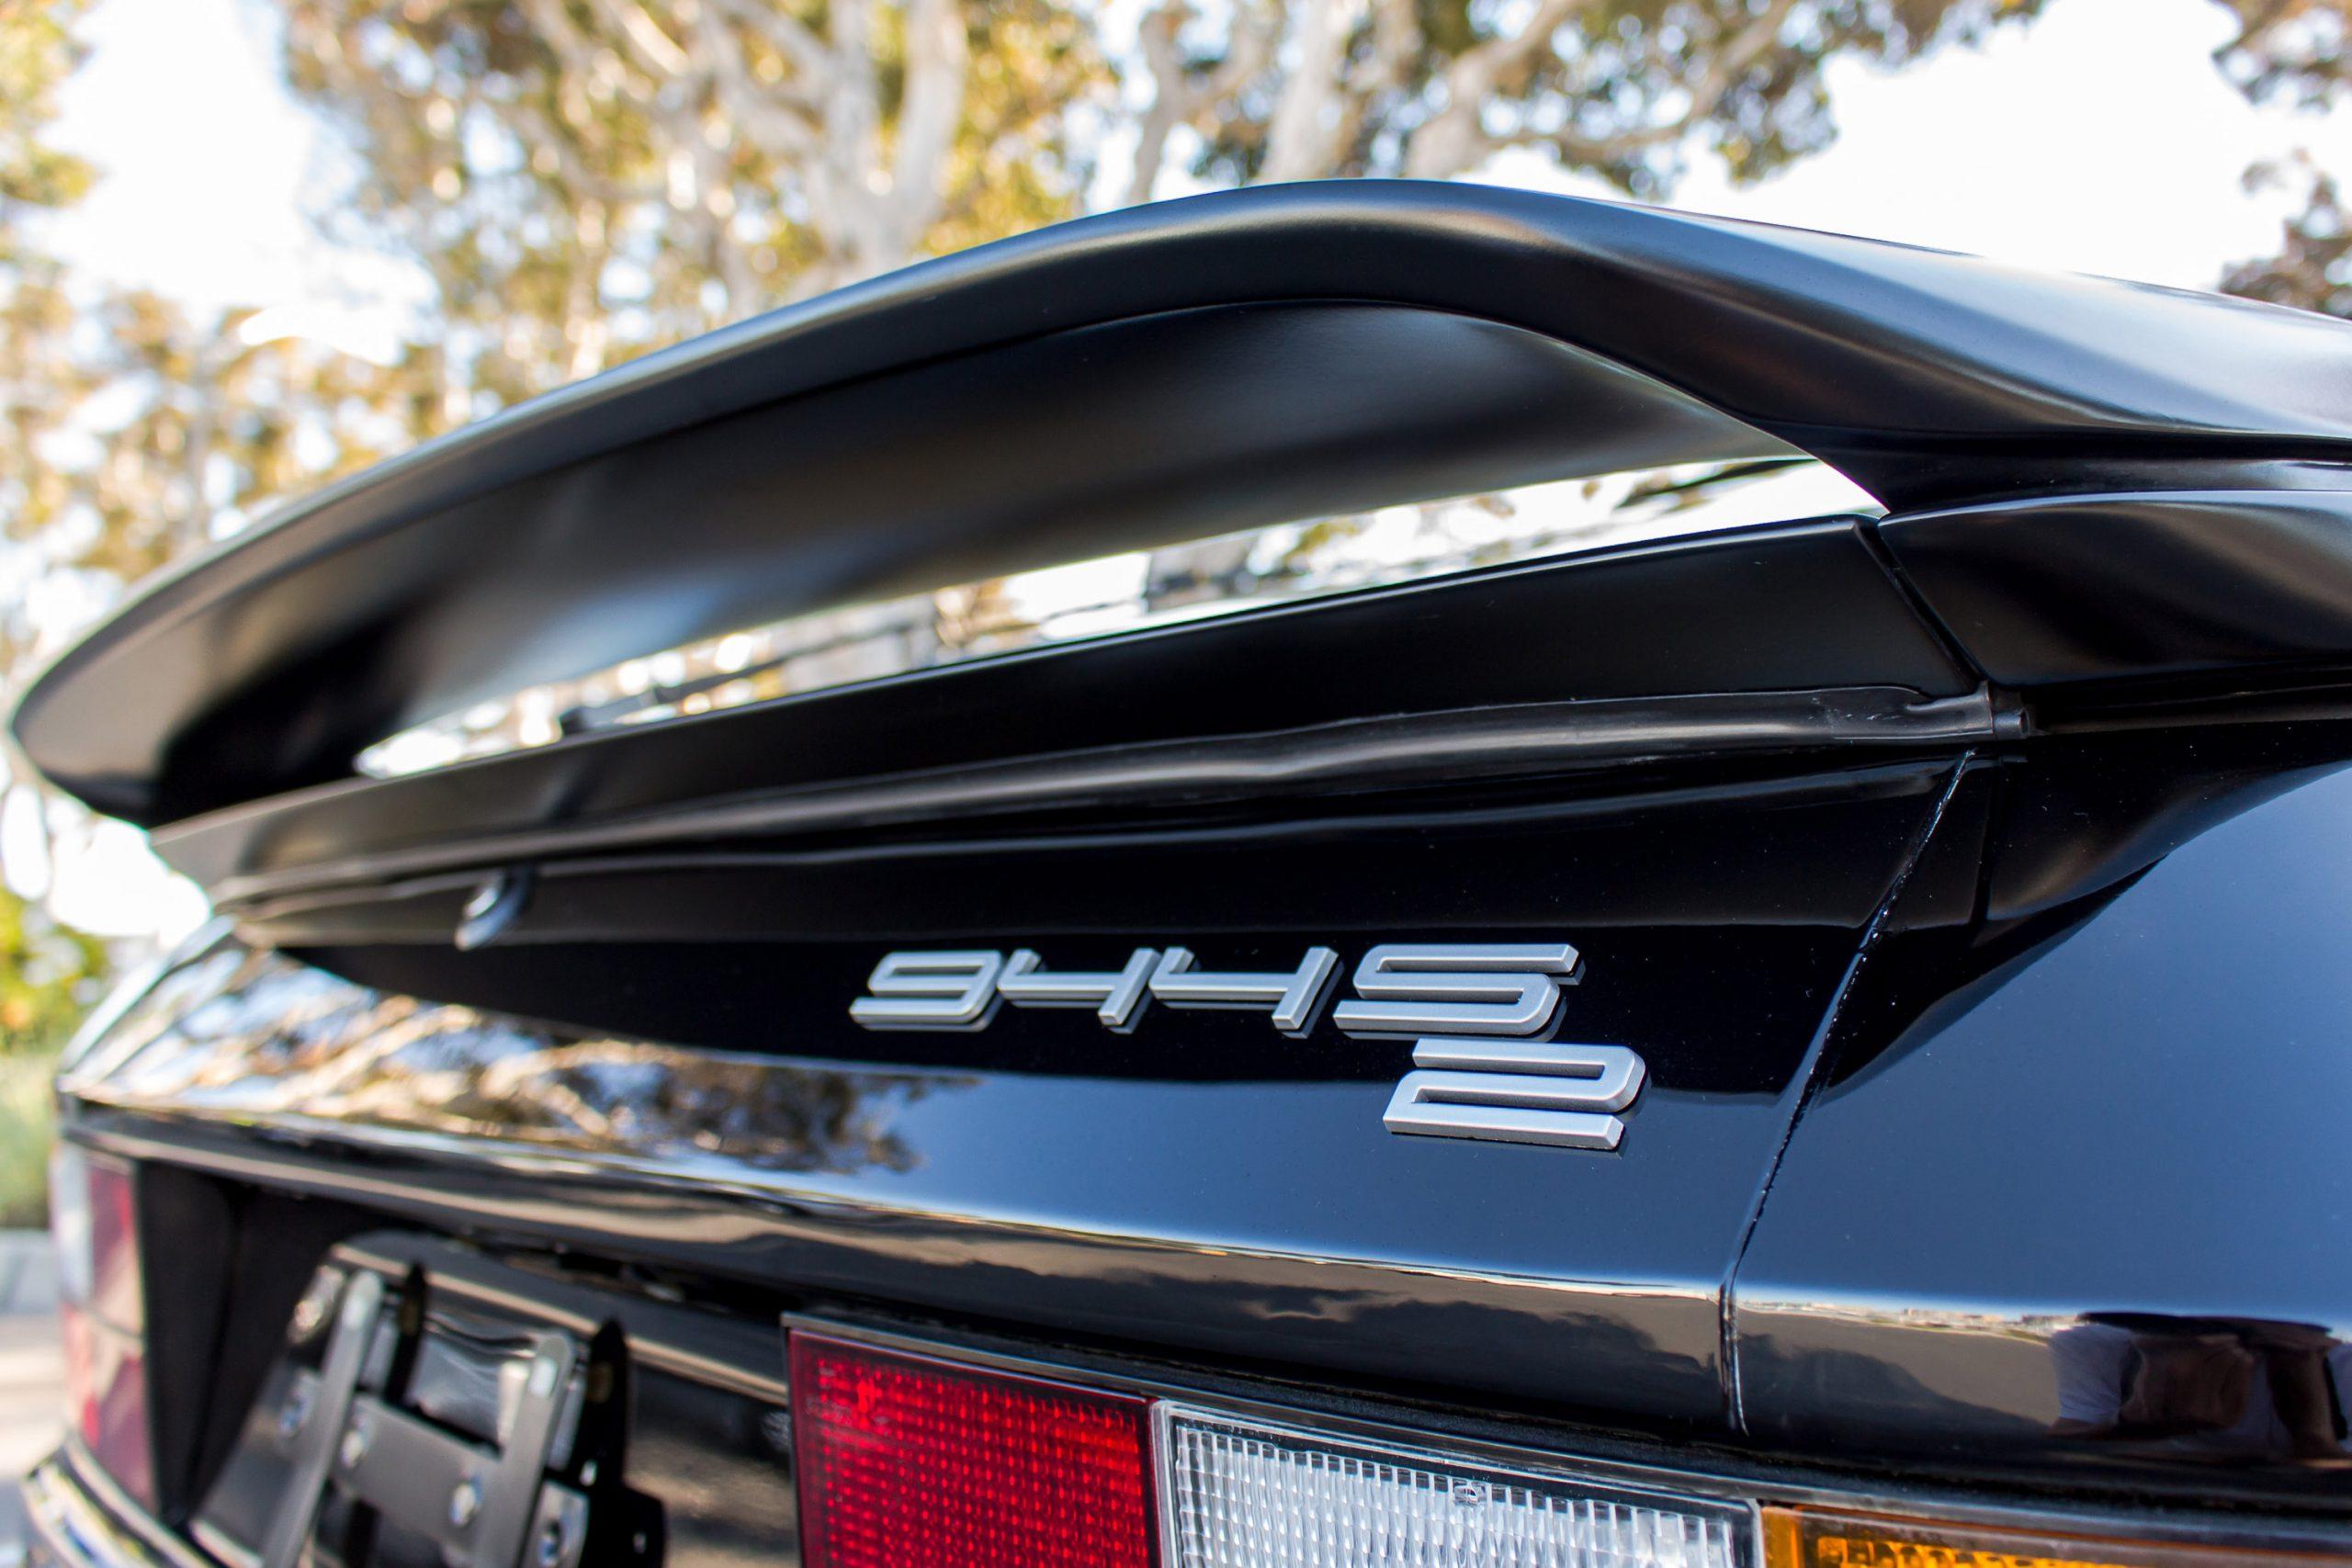 1991 Porsche 944 S2 Coupe rear spoiler logo